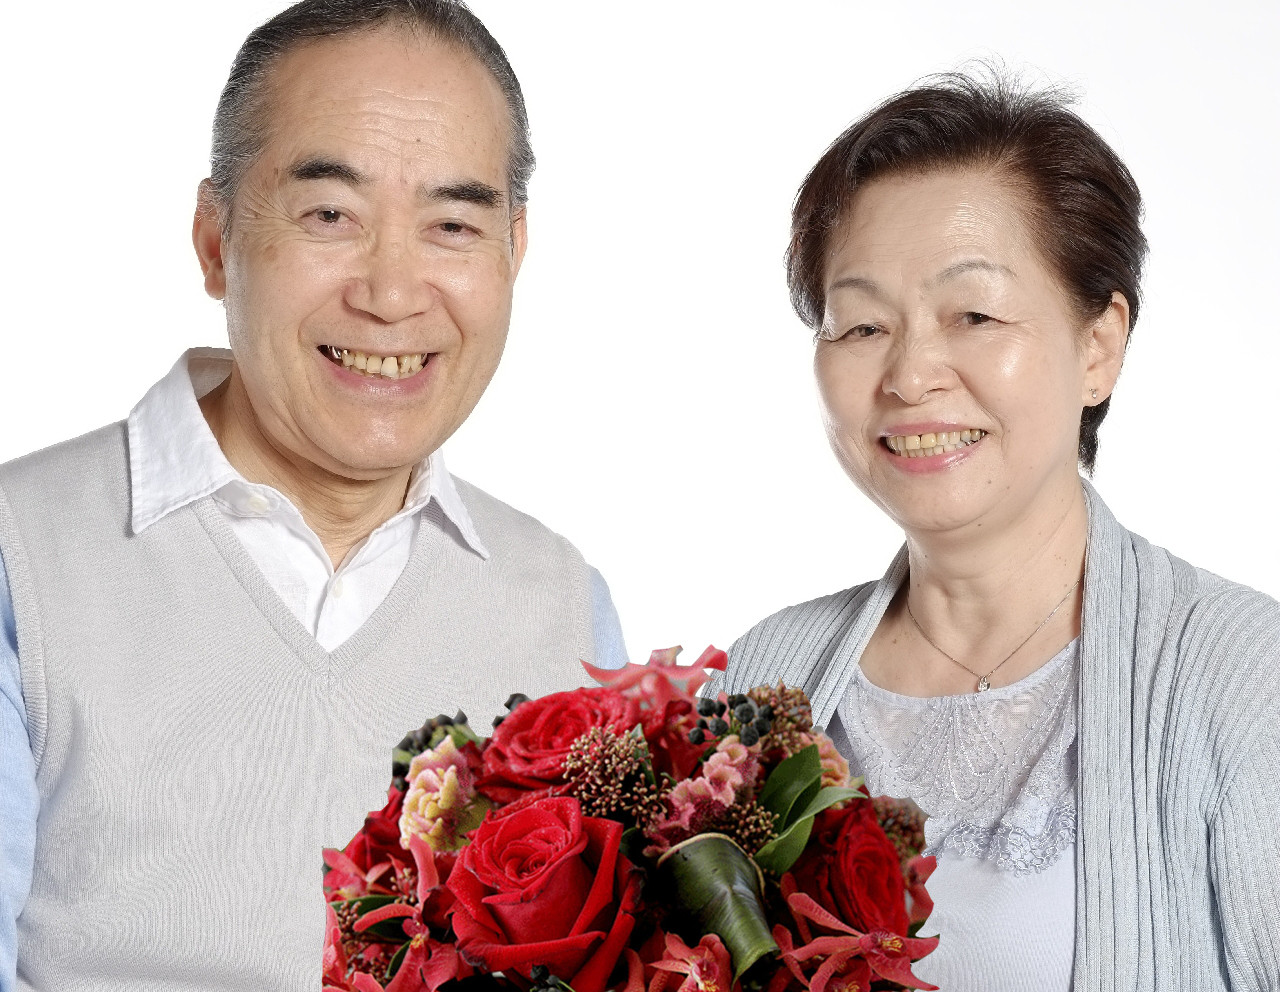 還暦や敬老のお祝いへのプレゼントは赤の花でパワーを贈ってください。